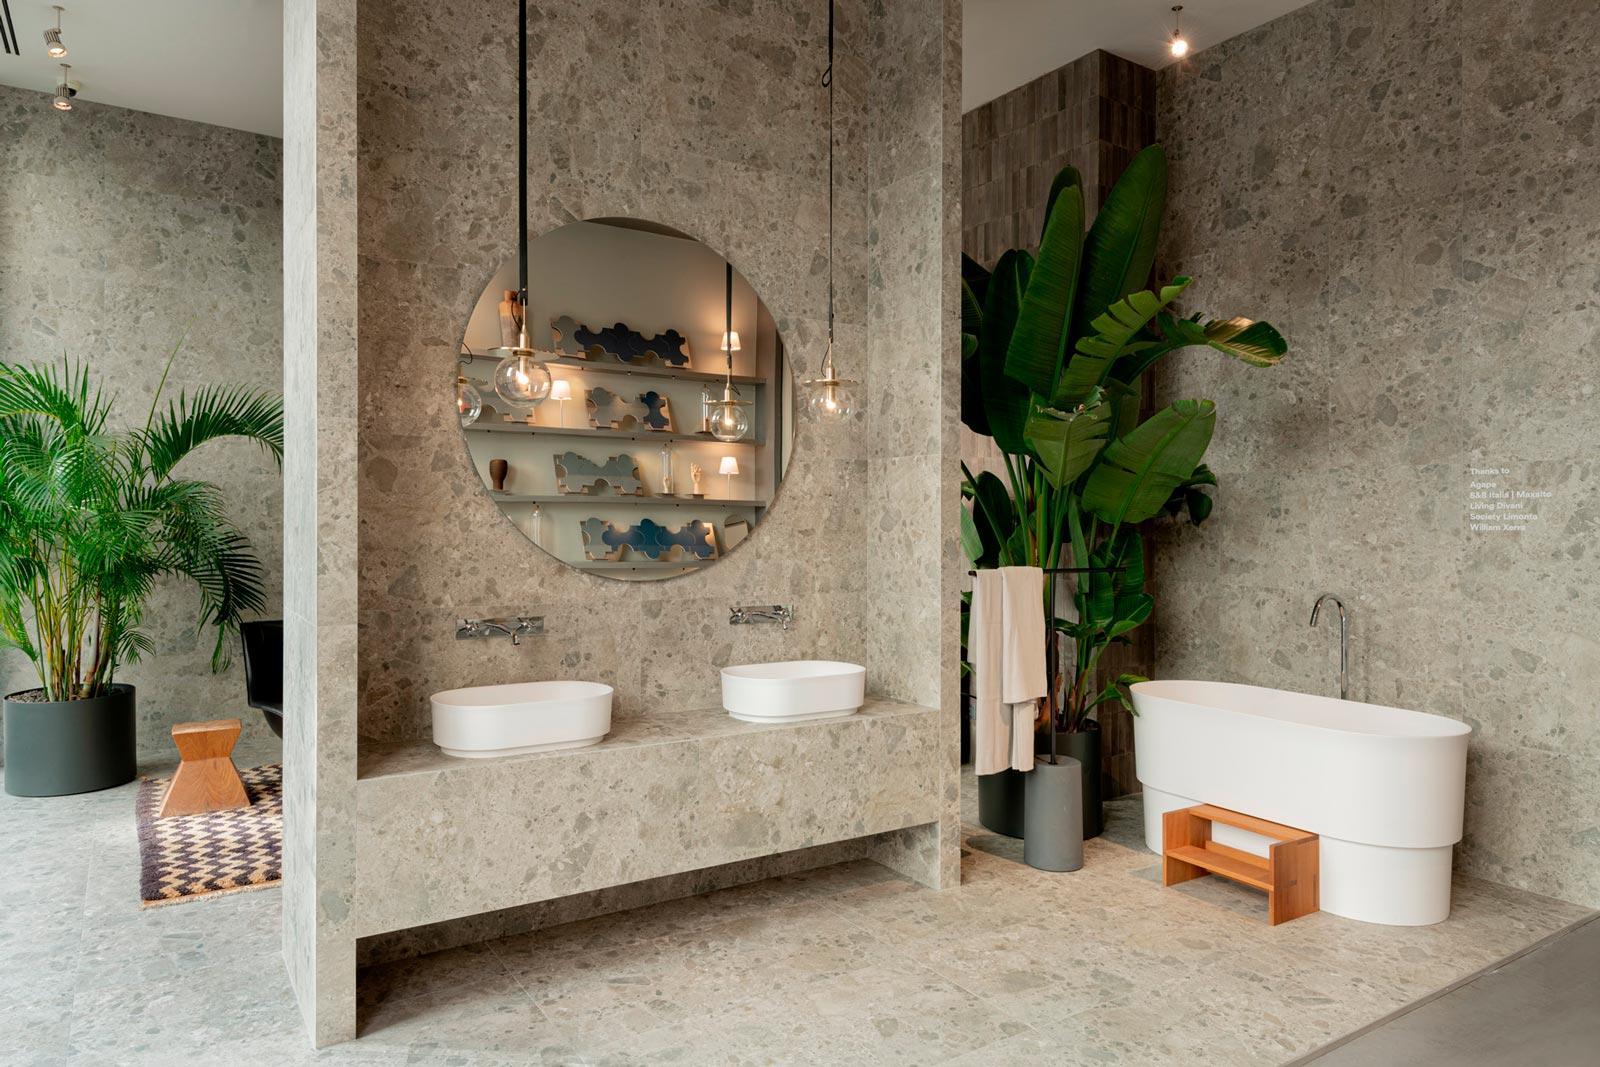 A mindig higiénikus és tiszta fürdőszoba titka